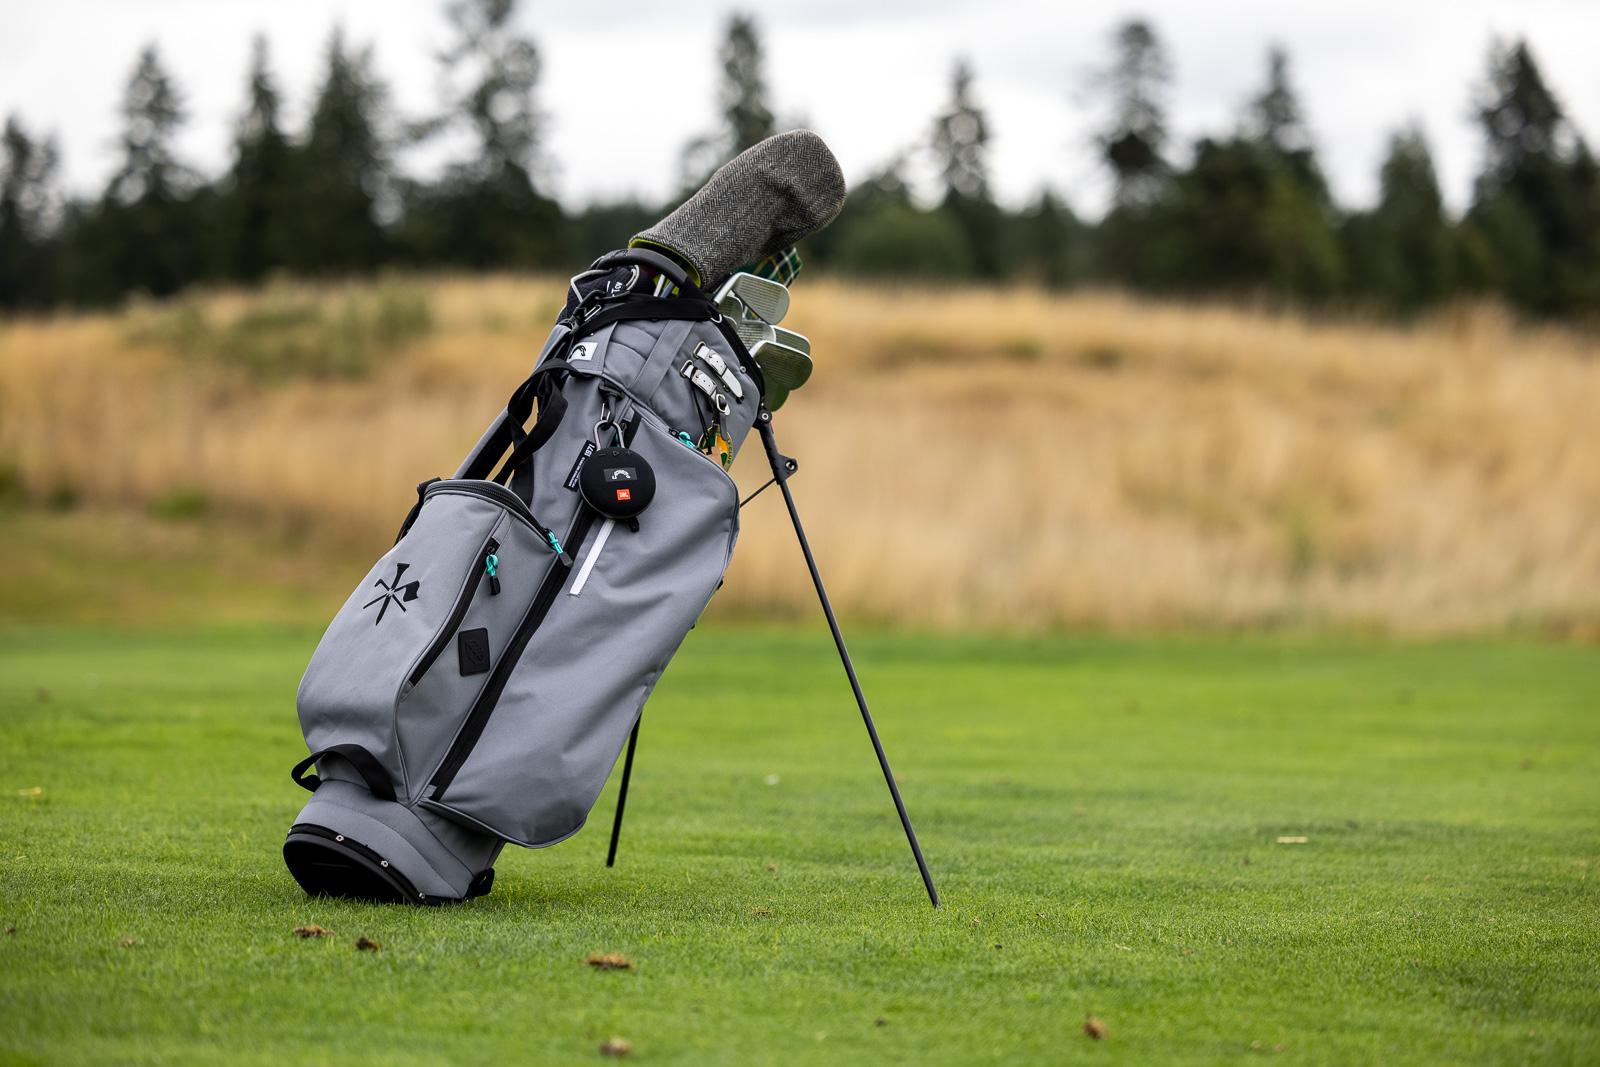 https://breakingeighty.com/jones-golf-bag-review